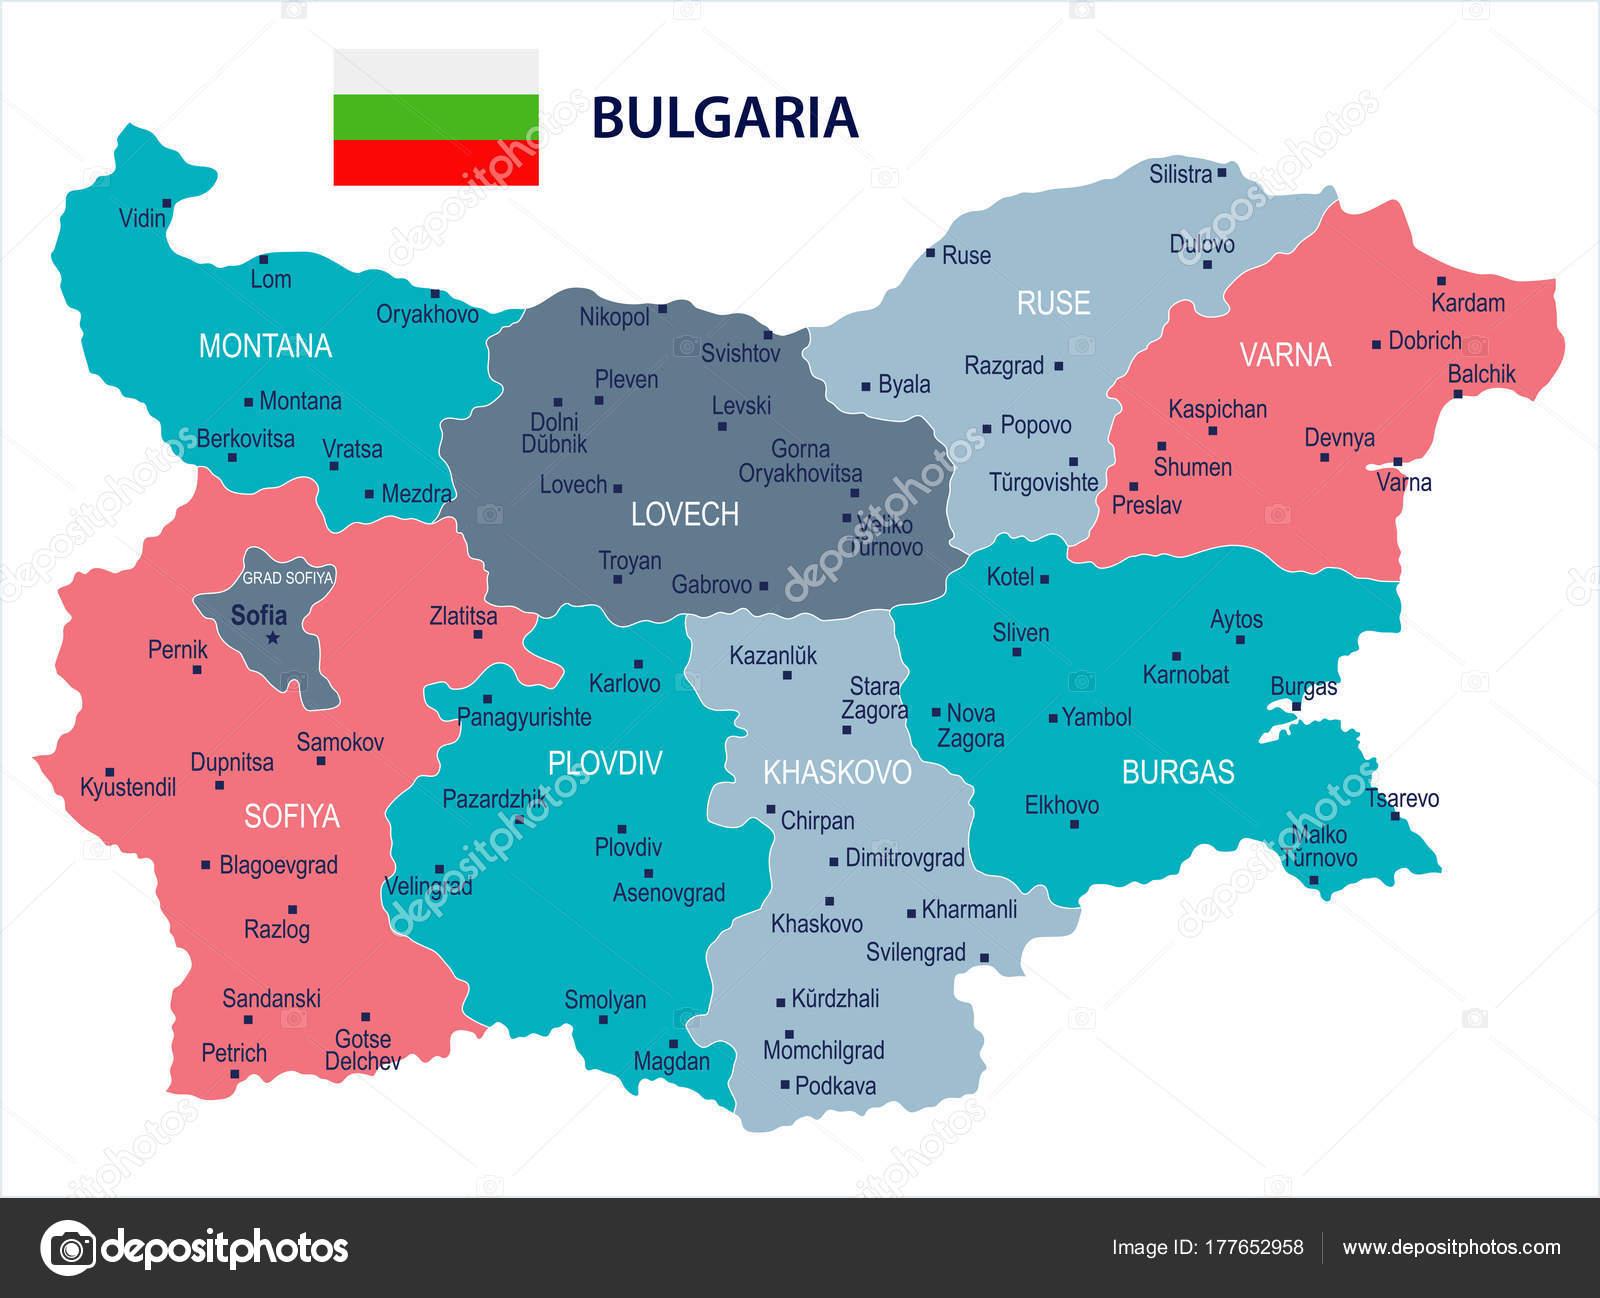 Karte Bulgarien.Bulgarien Karte Und Flagge Detaillierte Vektor